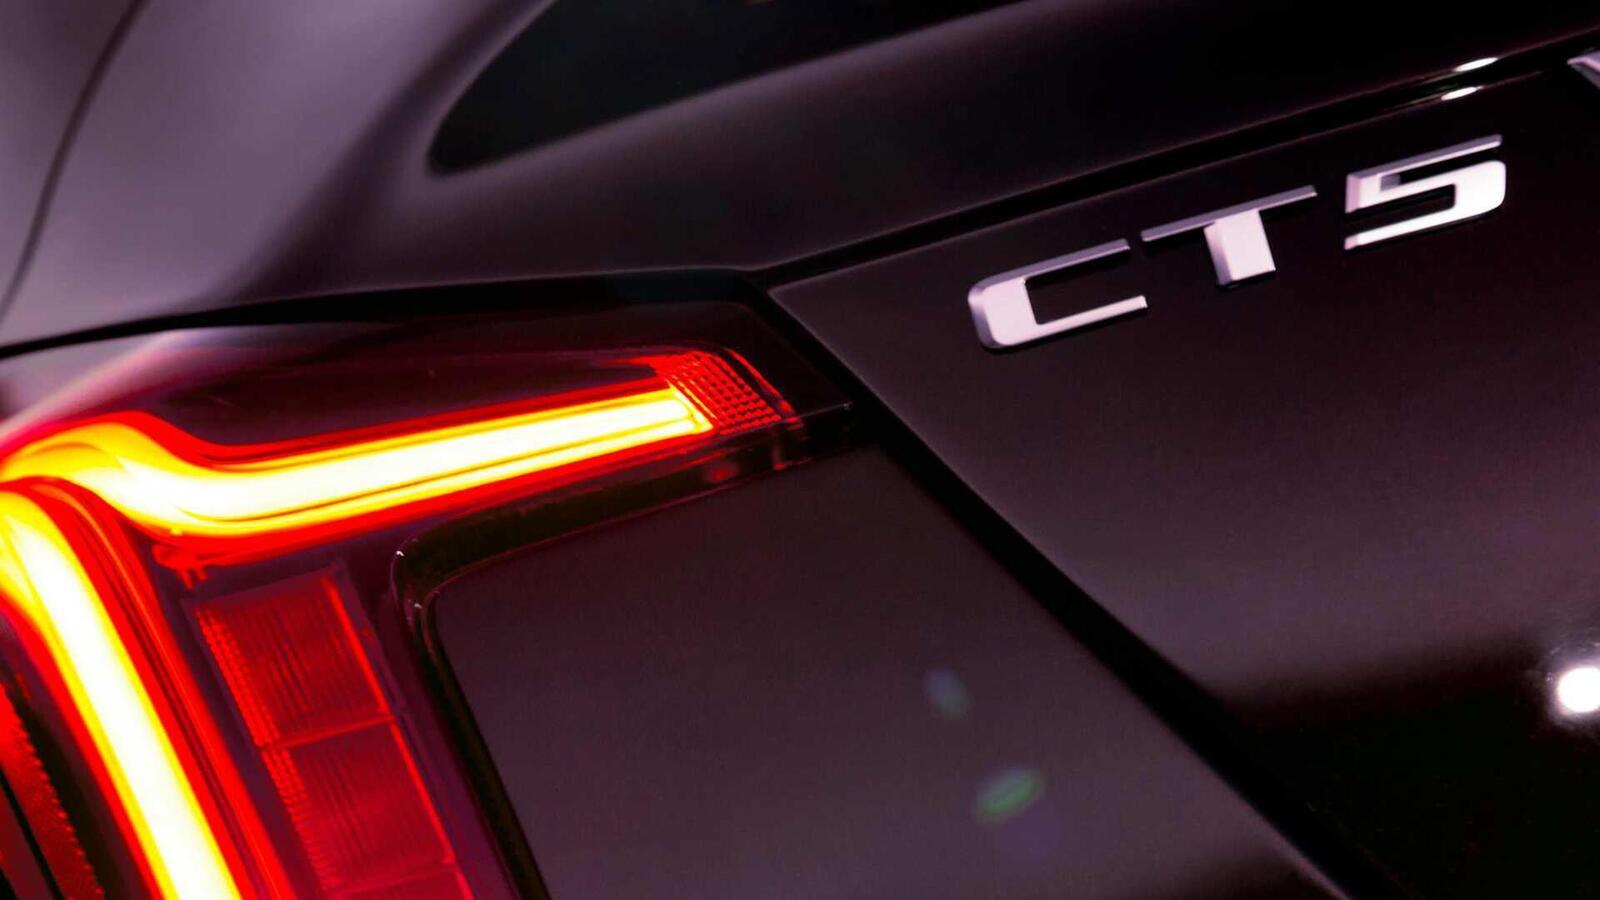 Xem trước sedan Cadillac CT5 hoàn toàn mới trước ngày ra mắt: kẻ thay thế  CTS - Hình 4